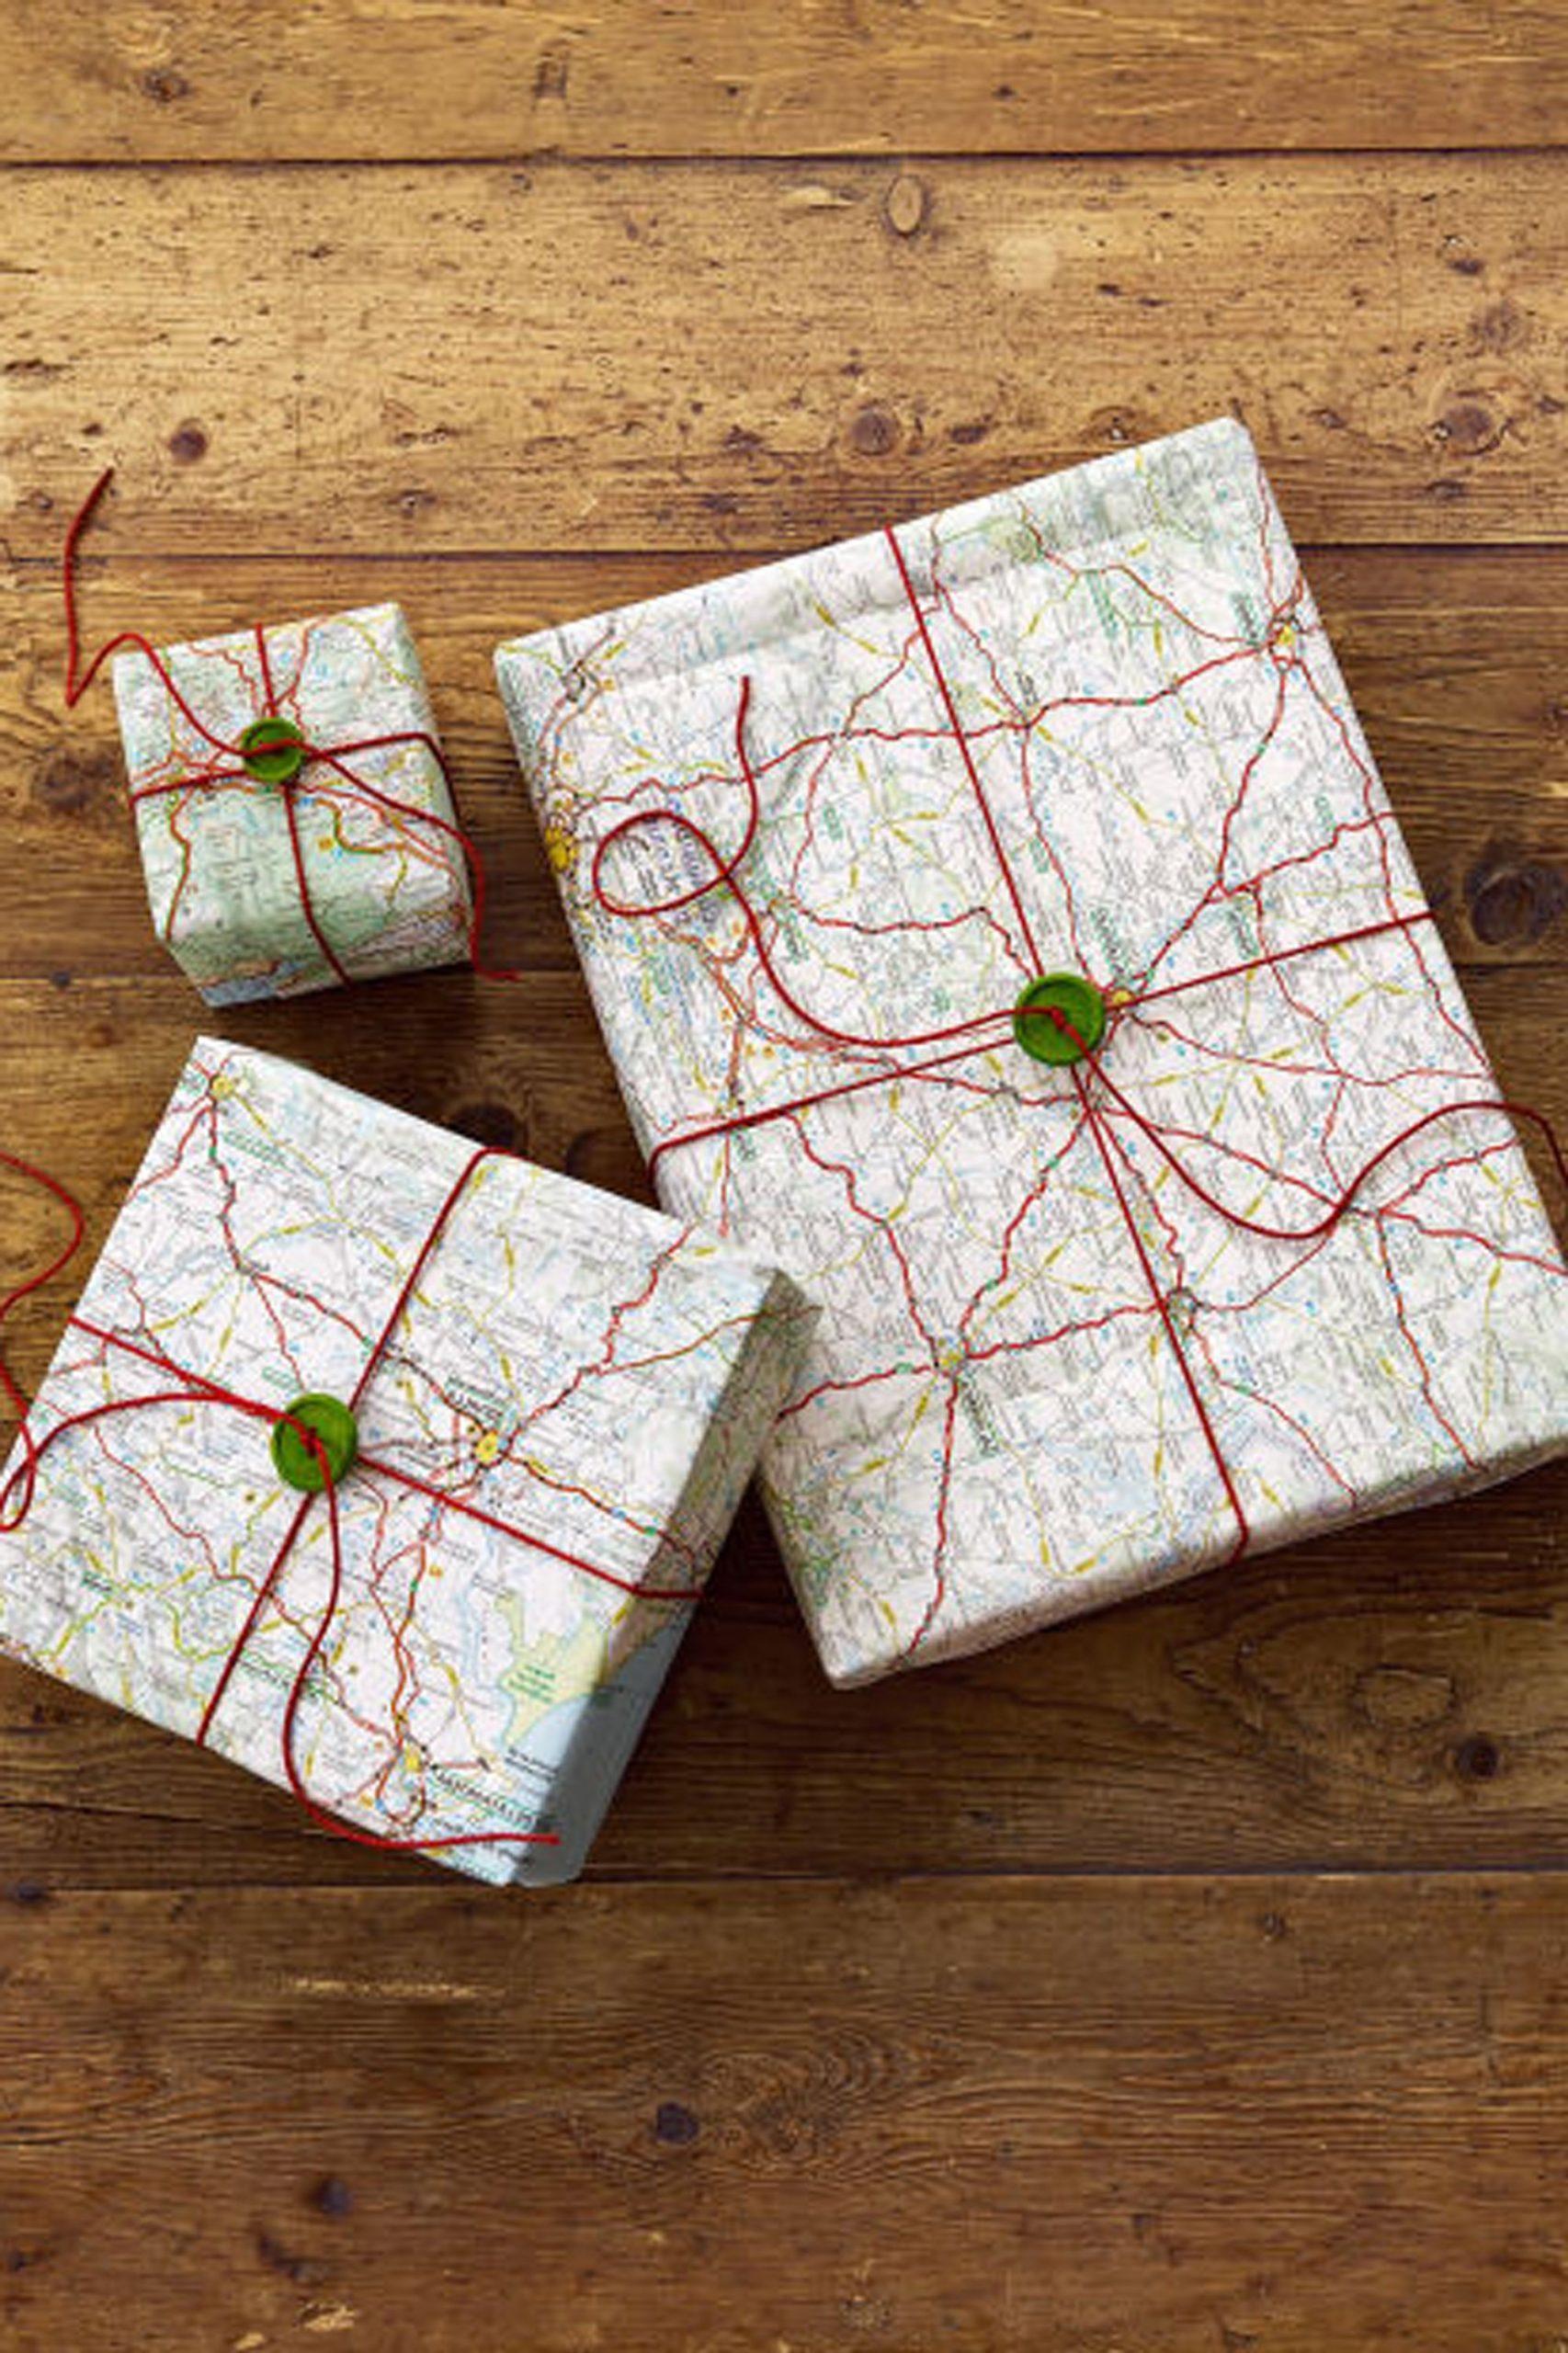 Votre ami est-il un passionné de voyages? Allors emballez le cadeau dans une carte routière - il sera surpris!